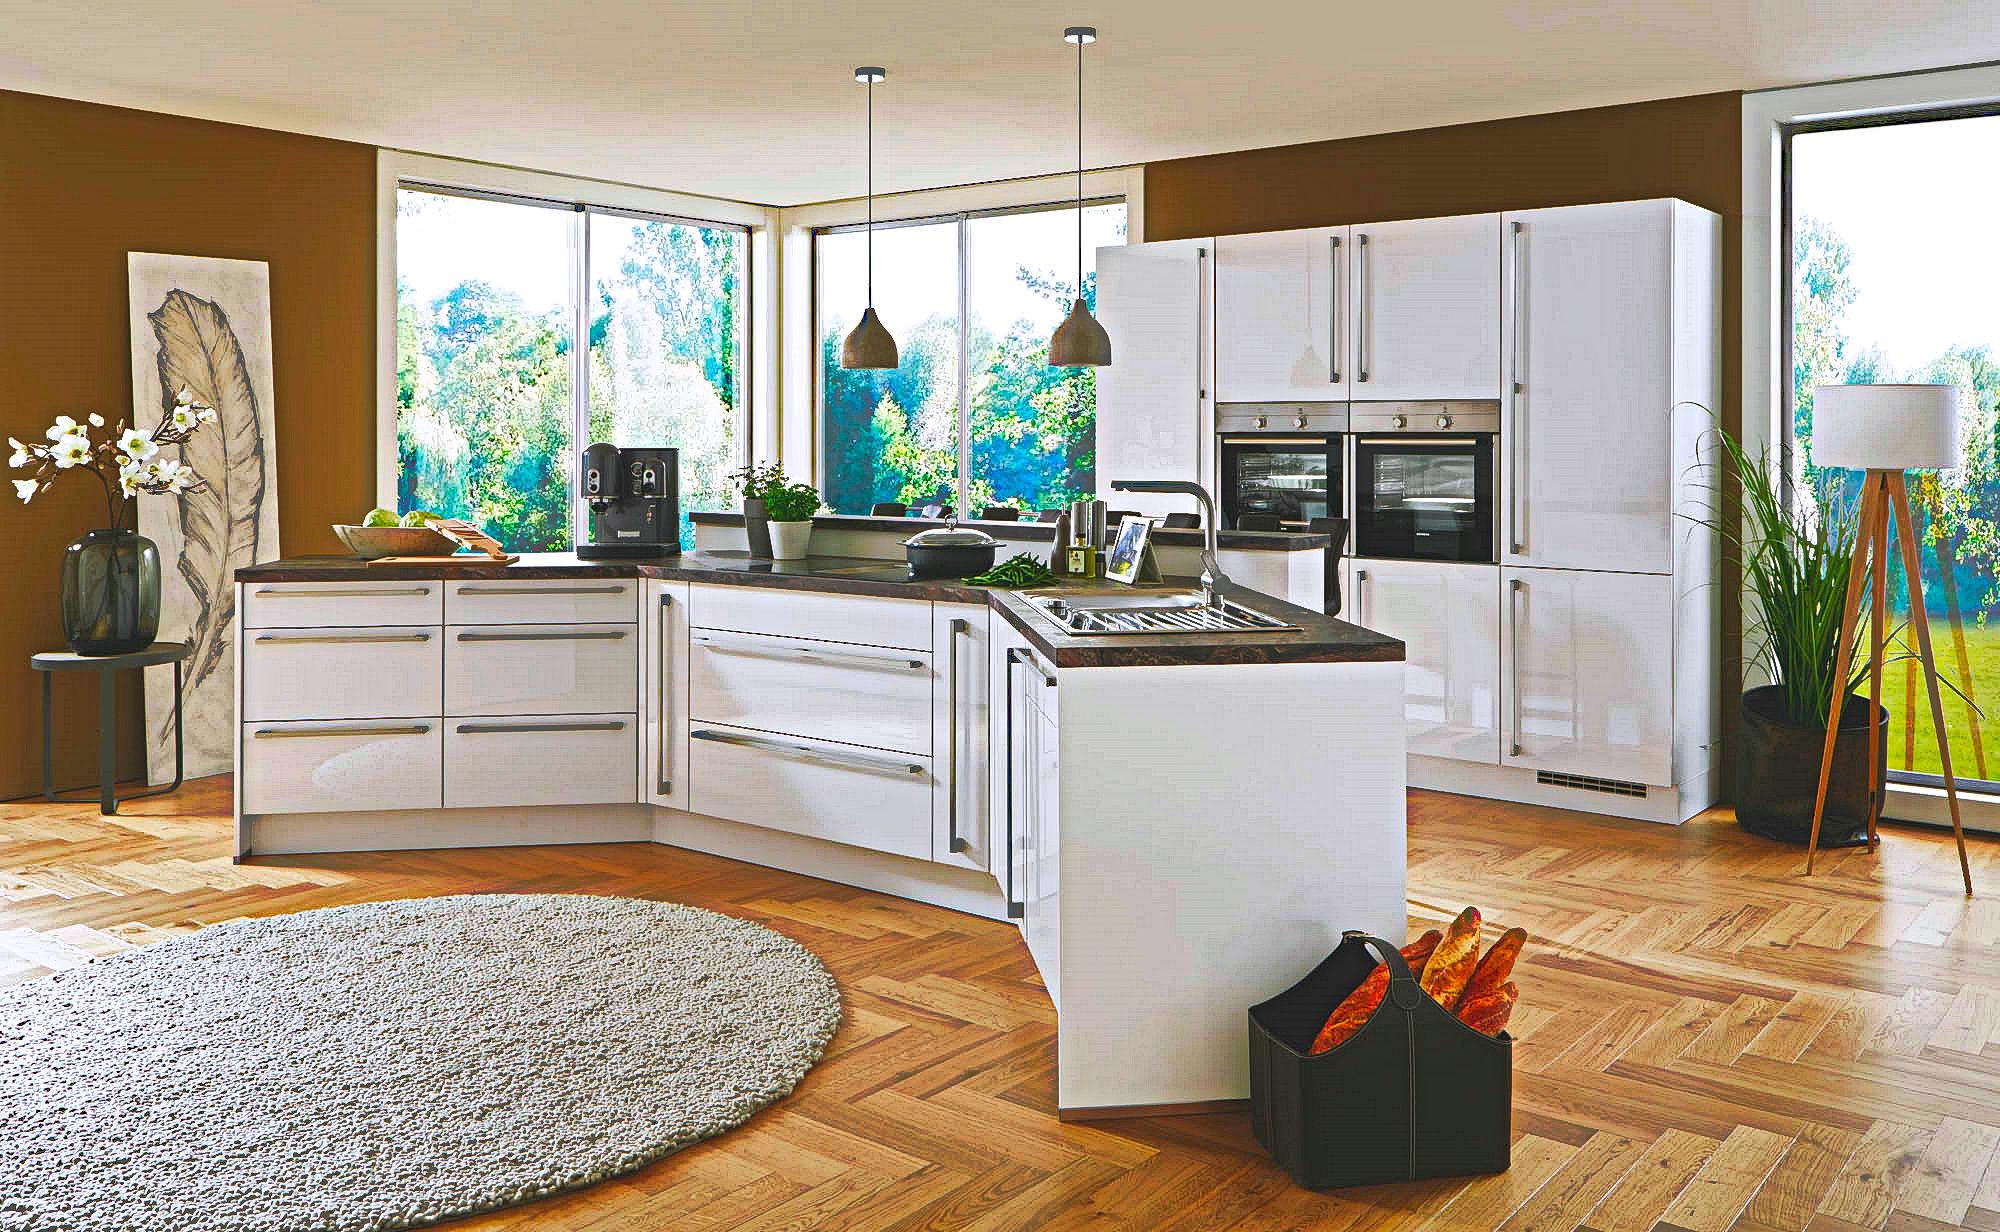 Full Size of Küche Mit Insel Gebraucht Küche Mit Insel Modern Grifflose Küche Mit Insel Geschlossene Küche Mit Insel Küche Küche Mit Insel